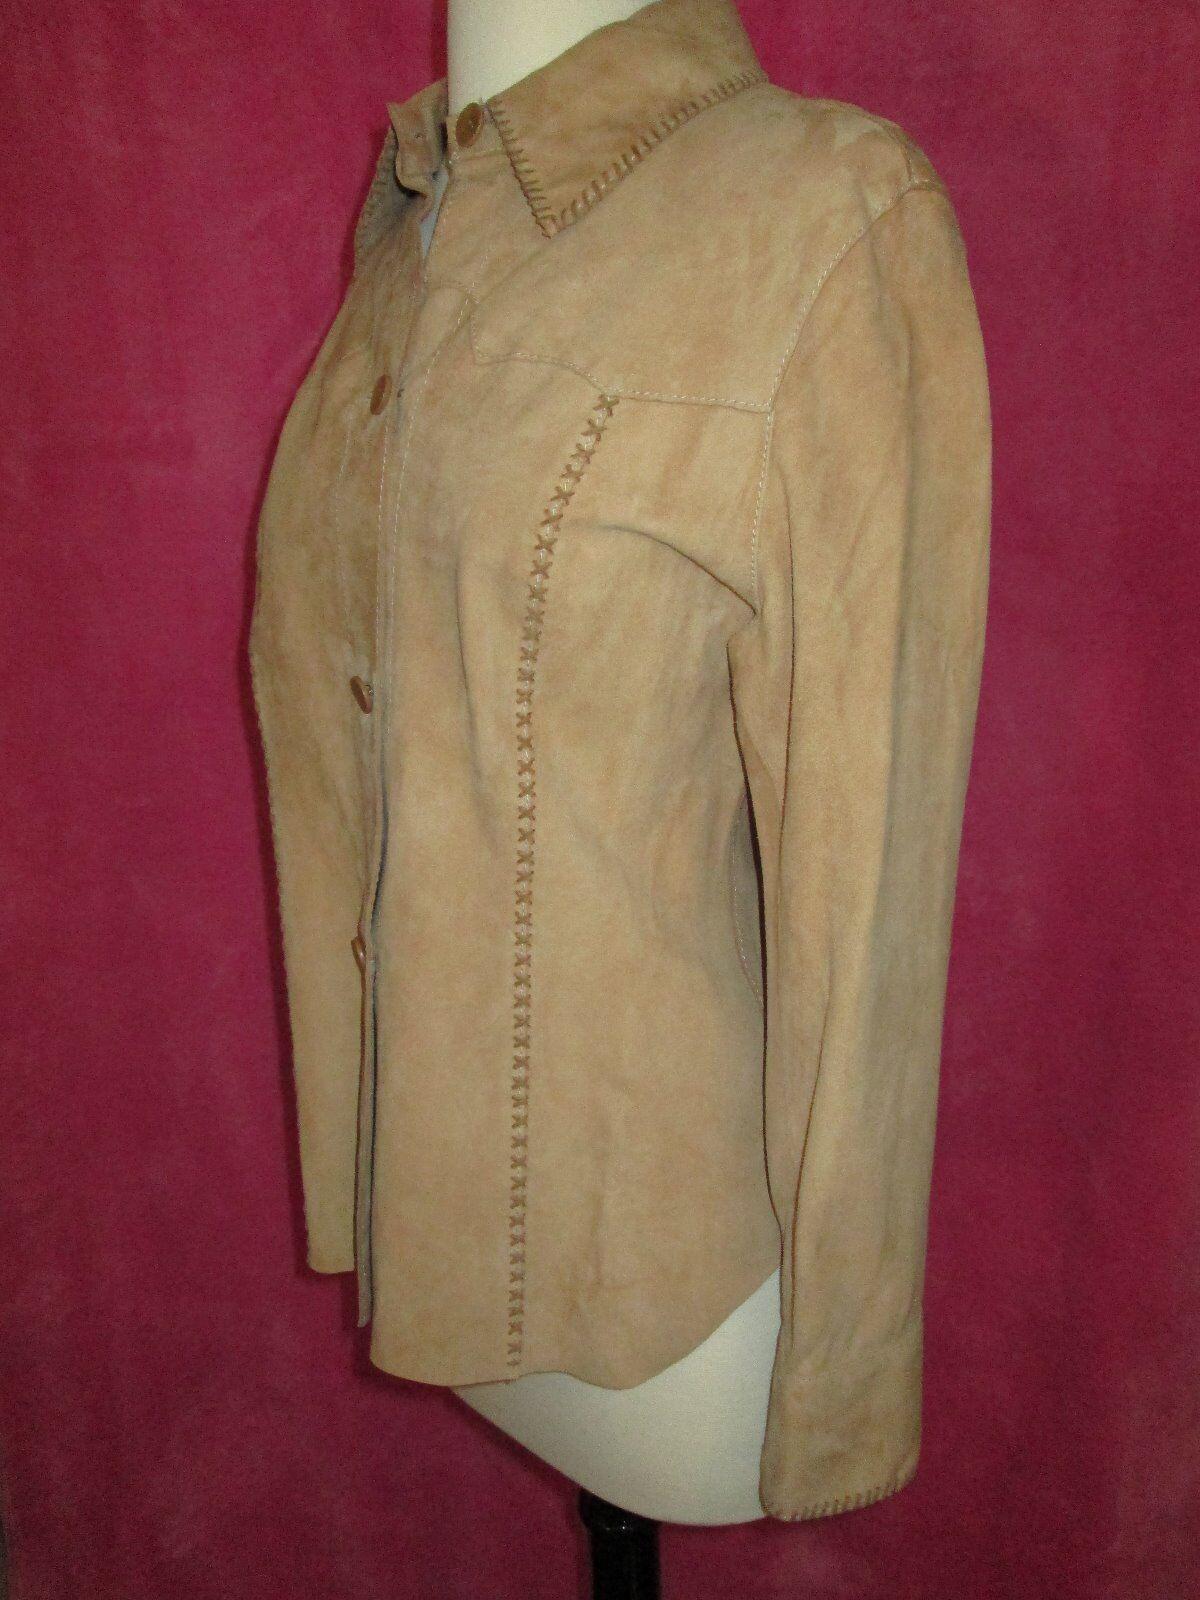 SONIA FORTUNA Italian Designer Suede Shirt Jacket Größe